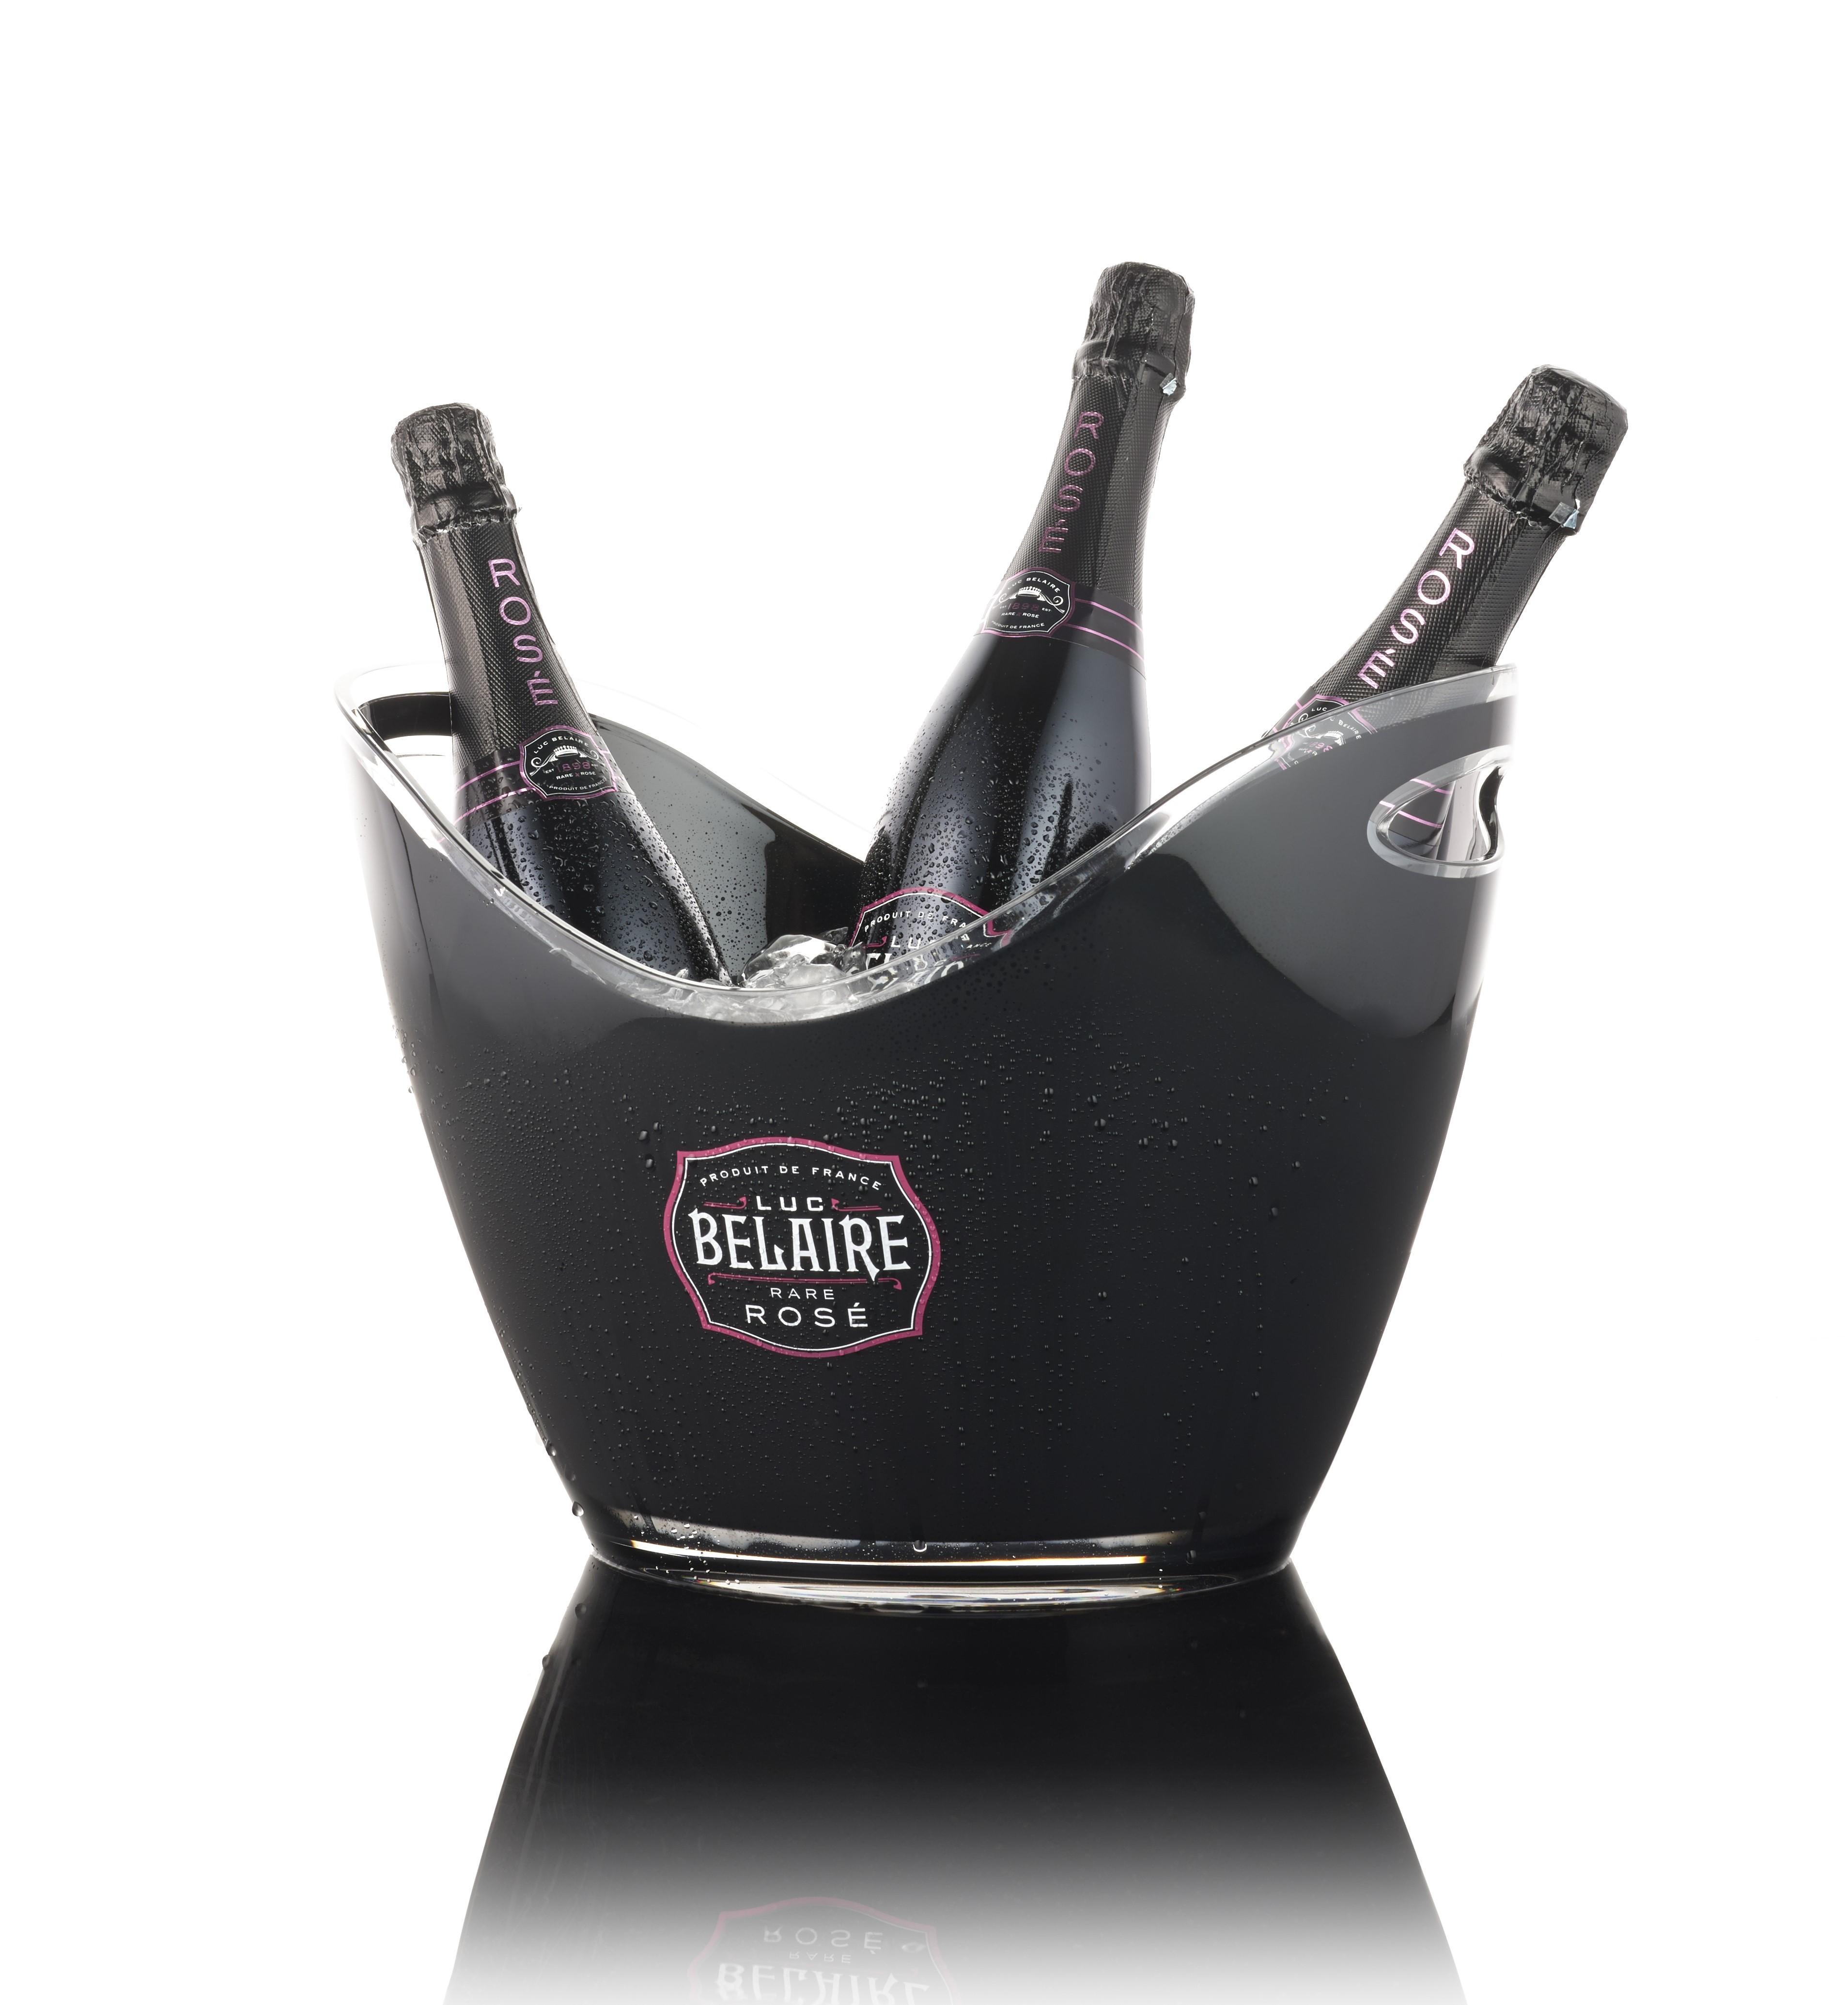 Luc Belaire Rosé Bucket Fantôme (12,5 % Vol.)